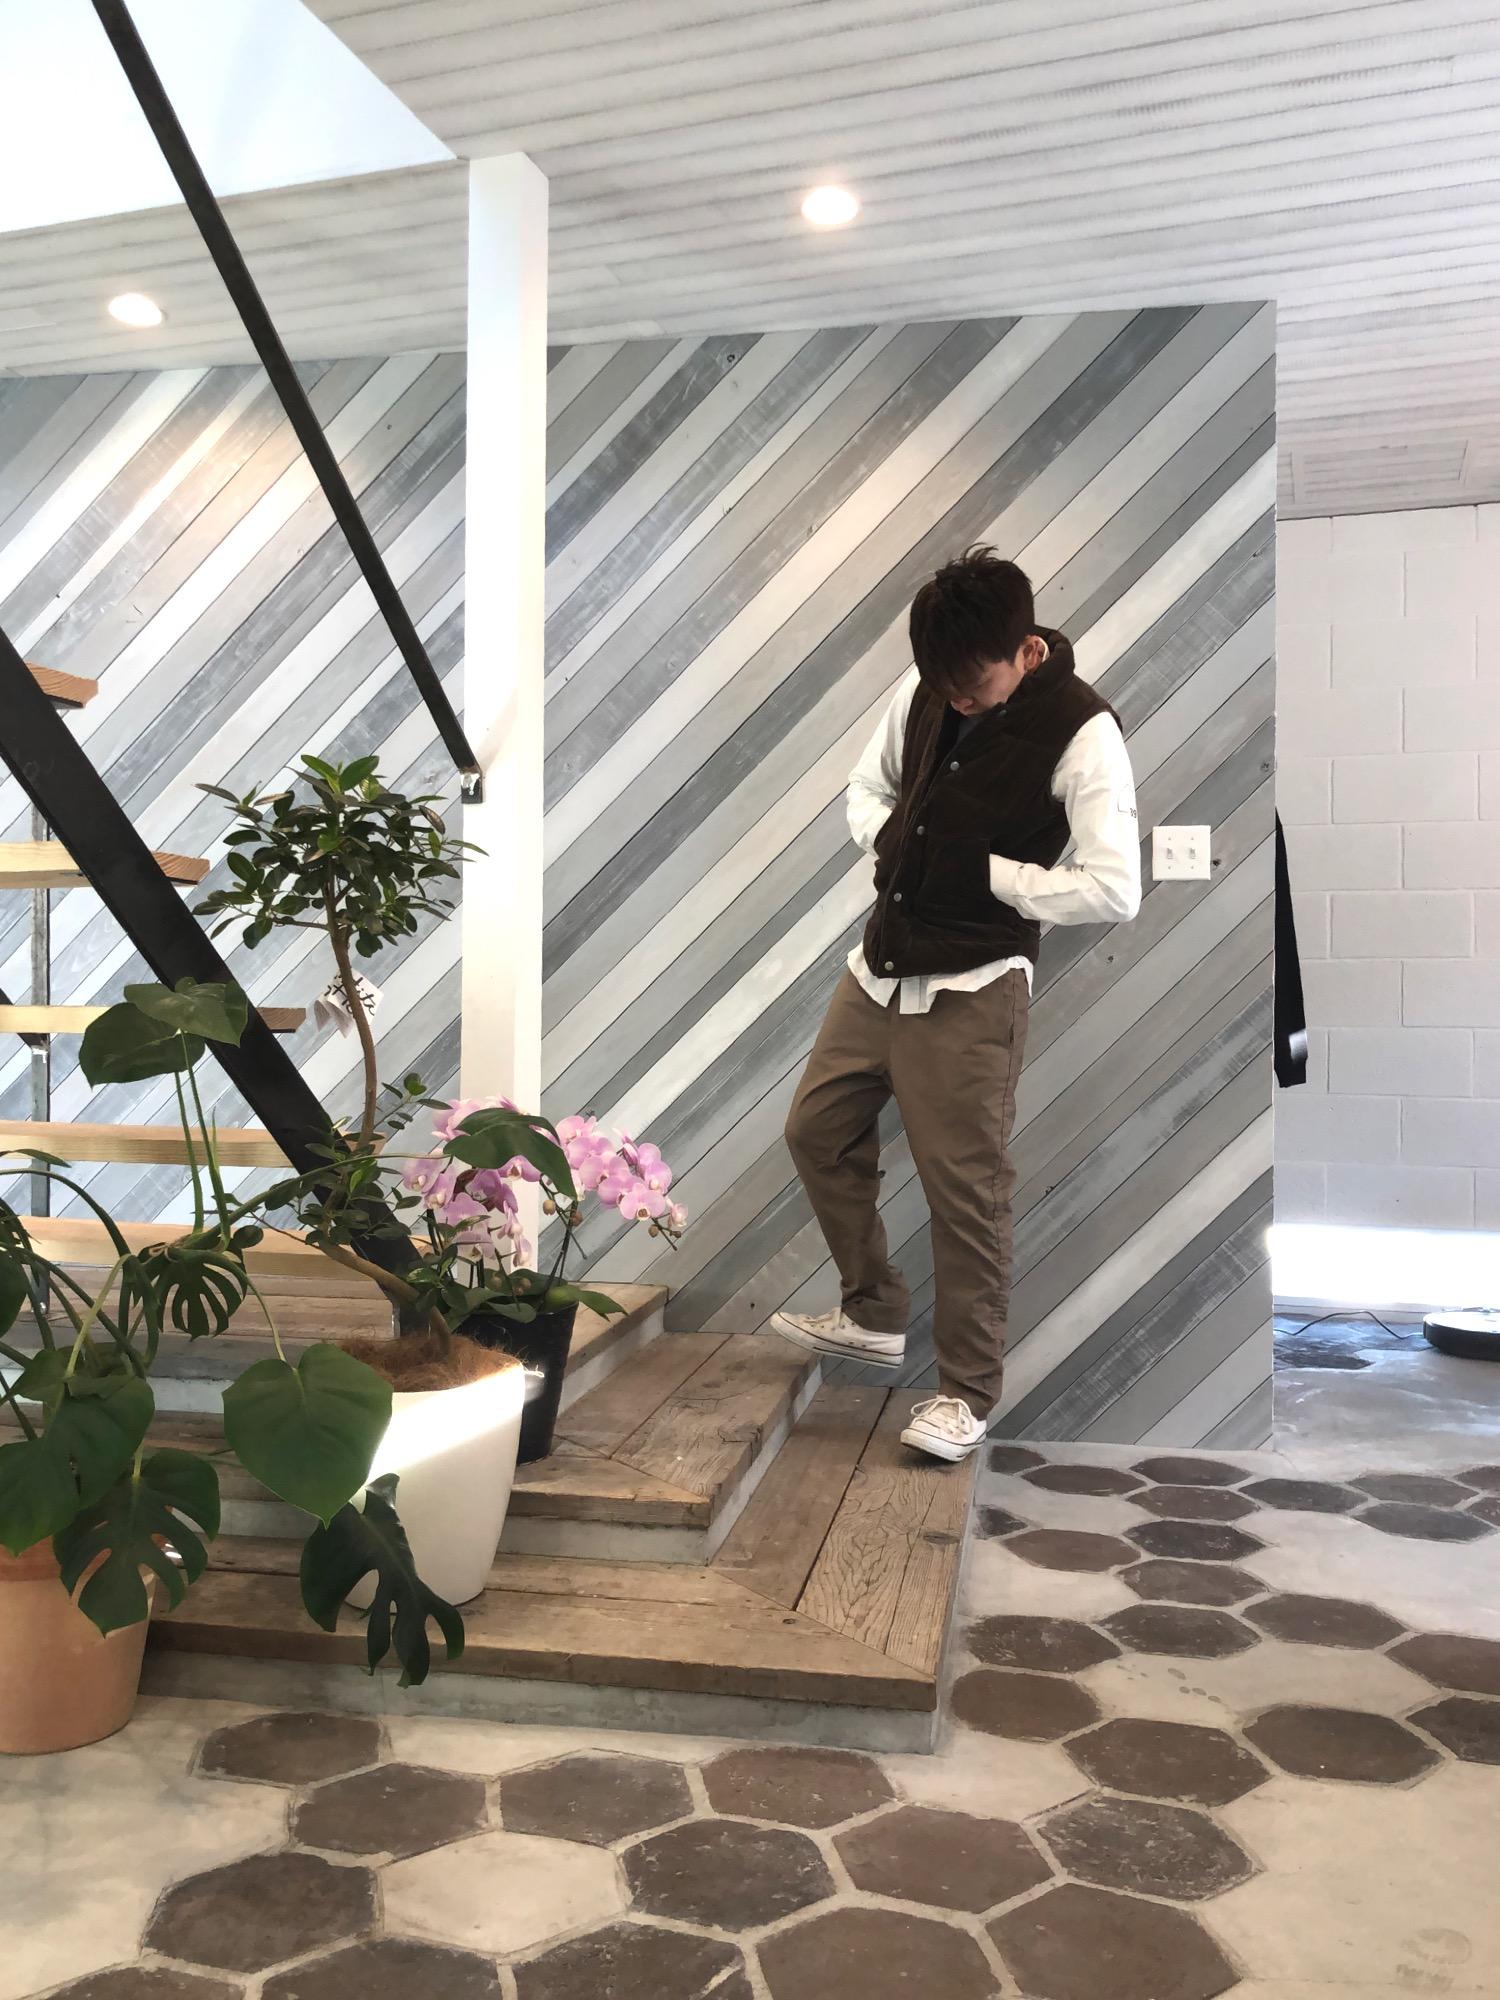 山梨県の工務店、未来建築工房とつくる注文住宅。|ややイケメンの日課